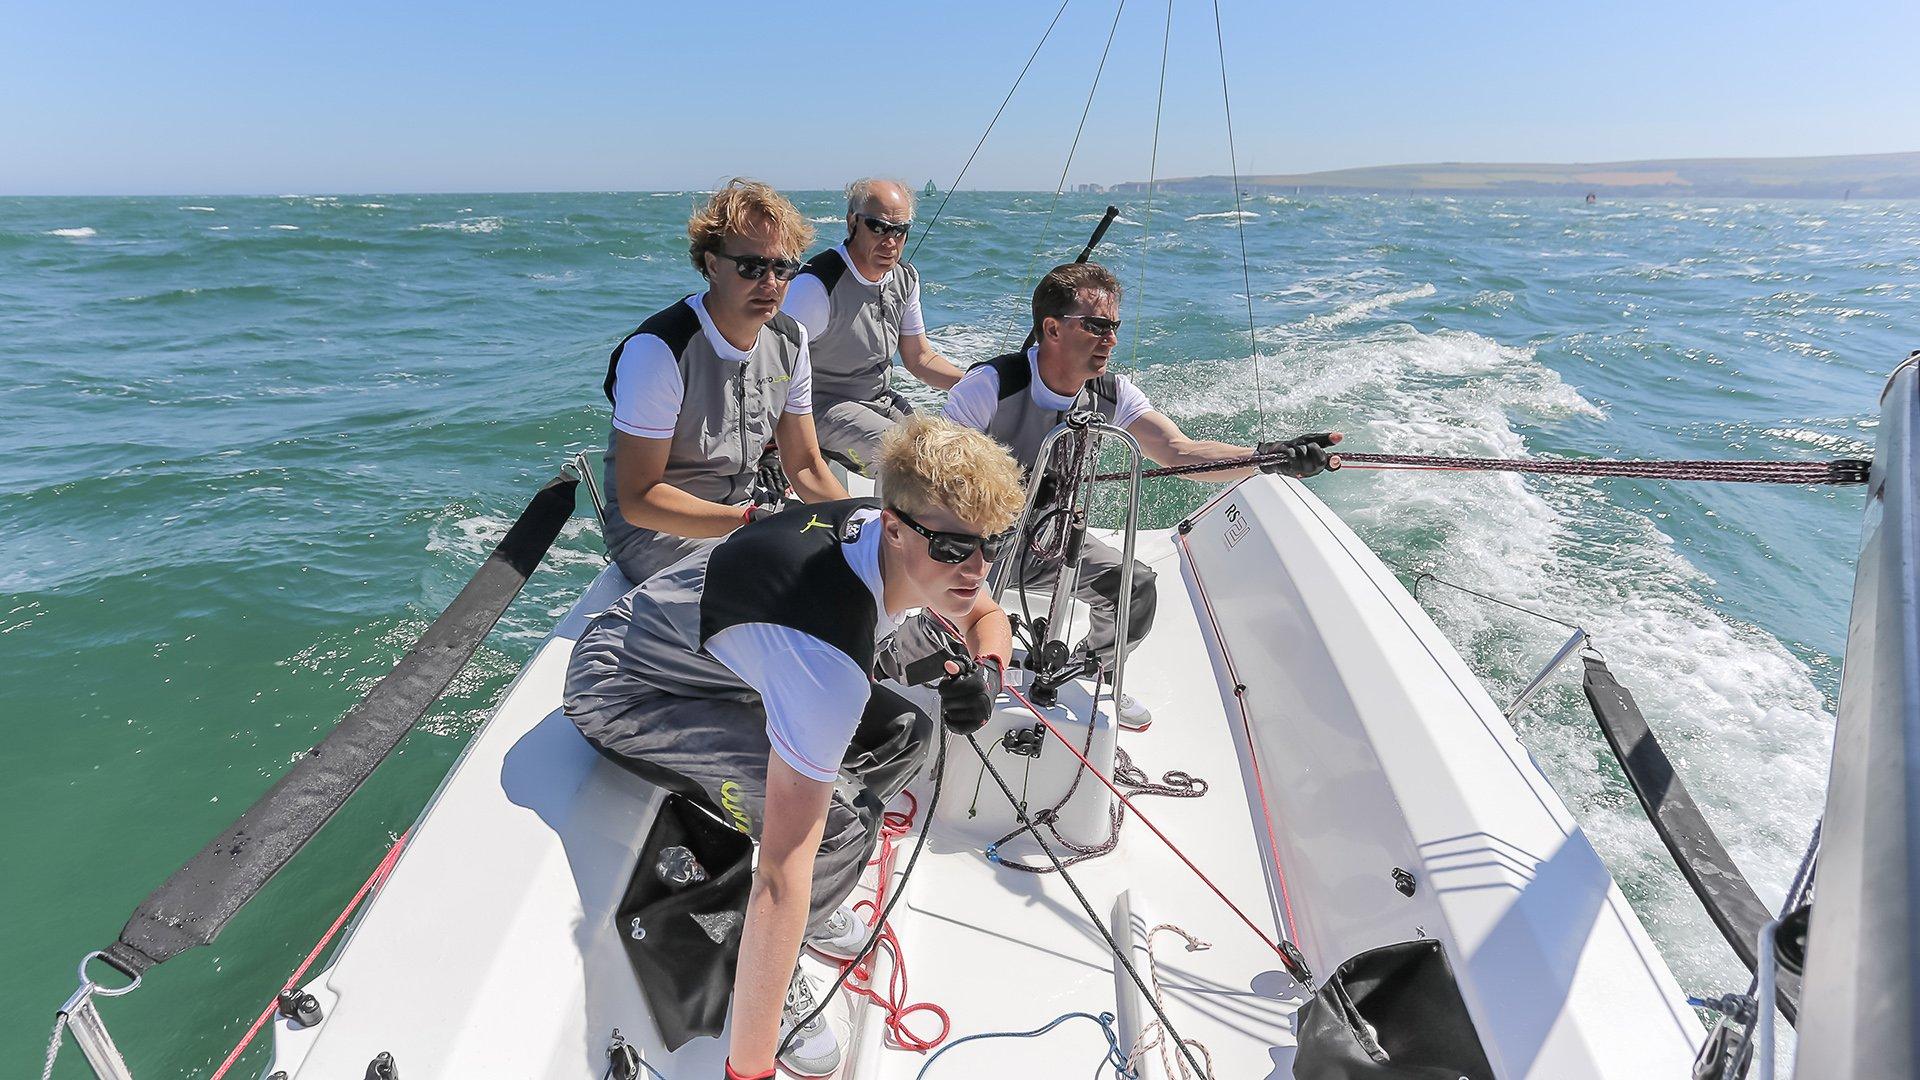 RS21 Sailing - Poole Harbour - Phil Jackson